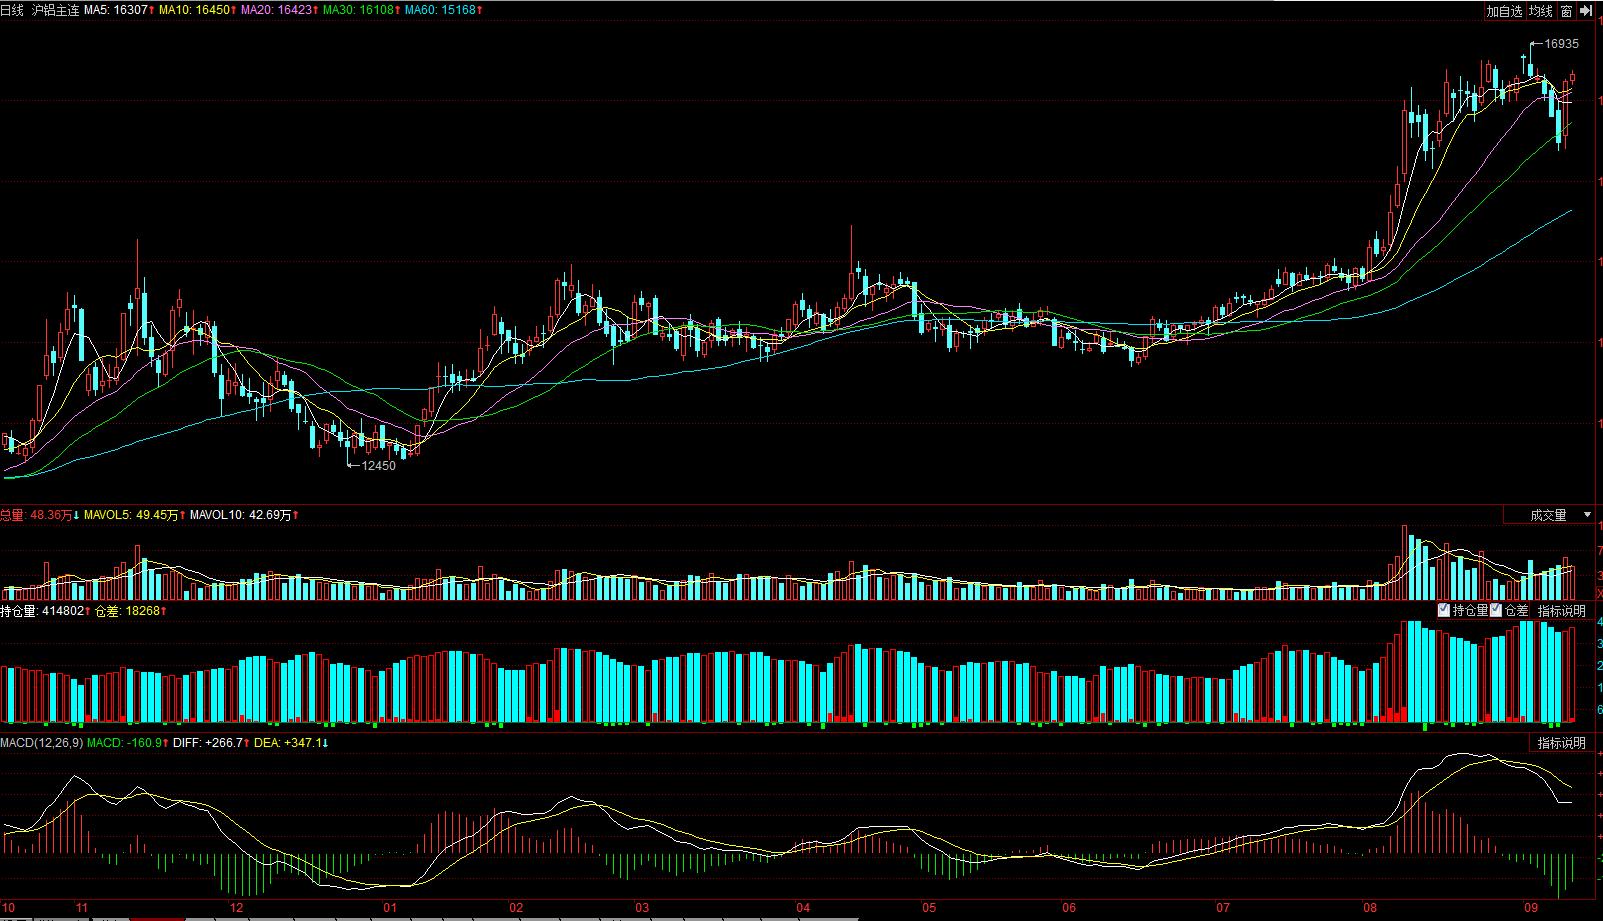 沪铝期货价格3个月累计上涨超20%